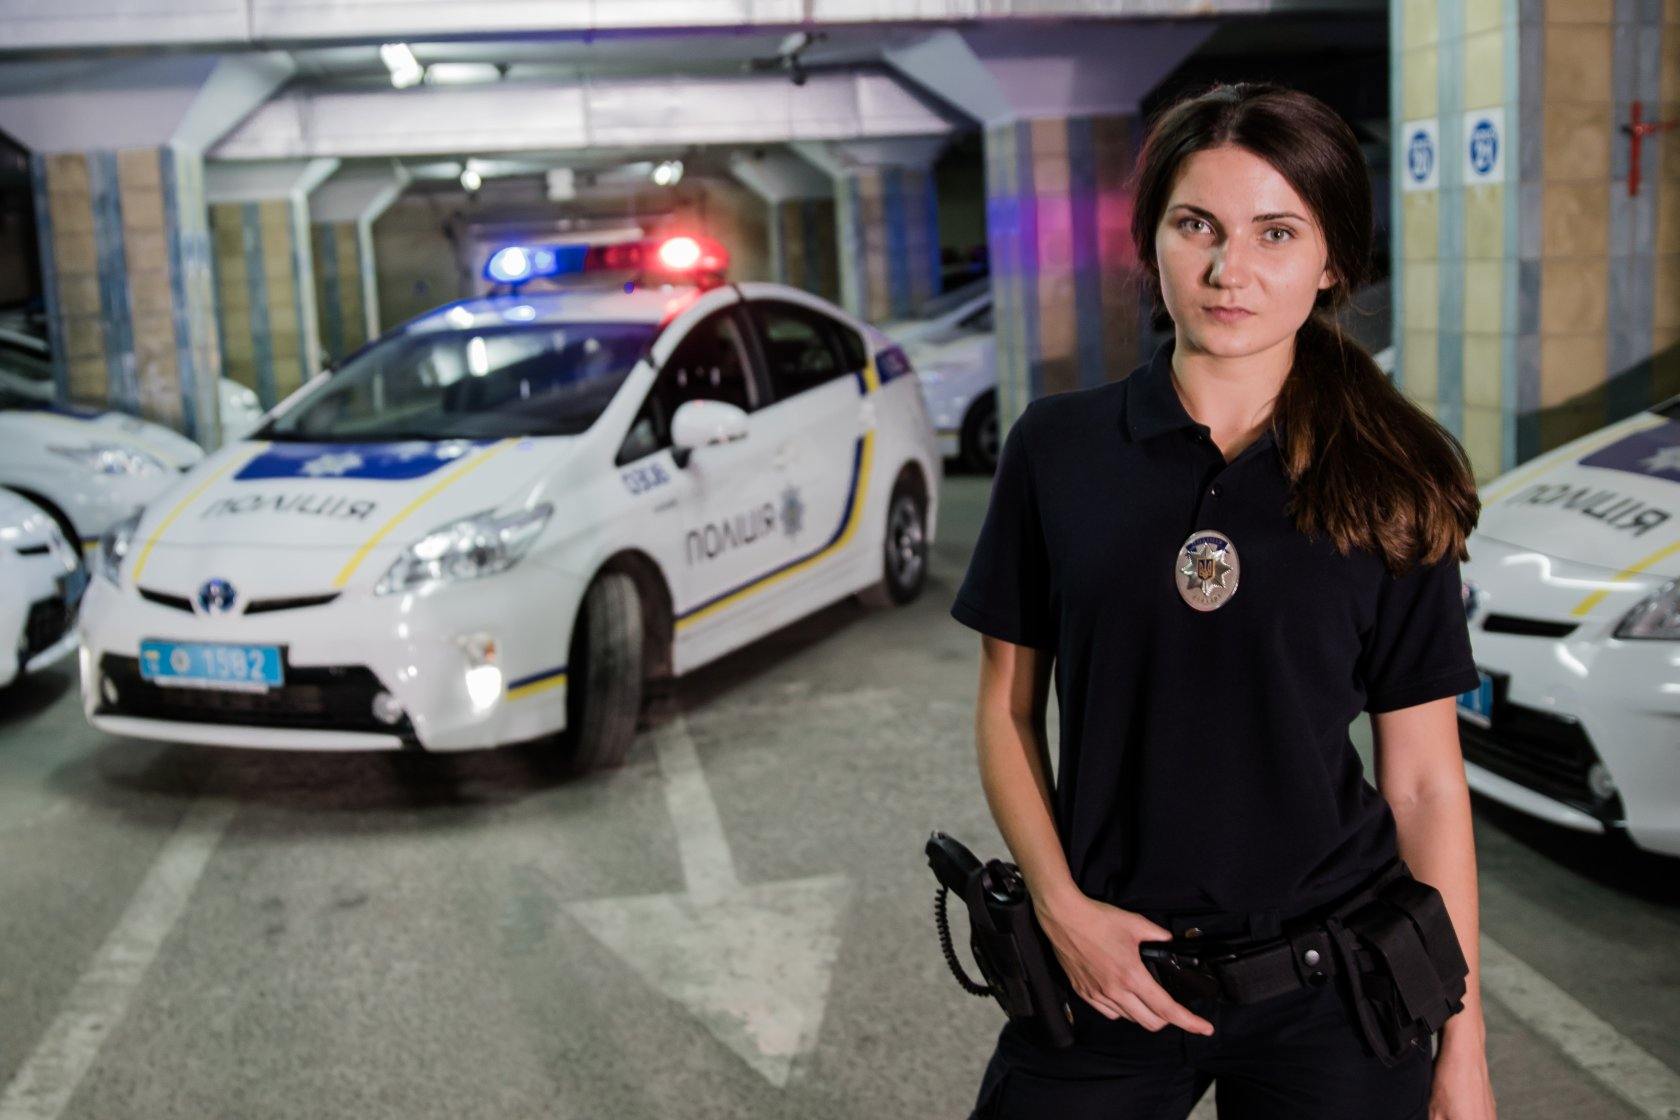 Арест за оскорбление полицейских. Будут ли расширять санкции?